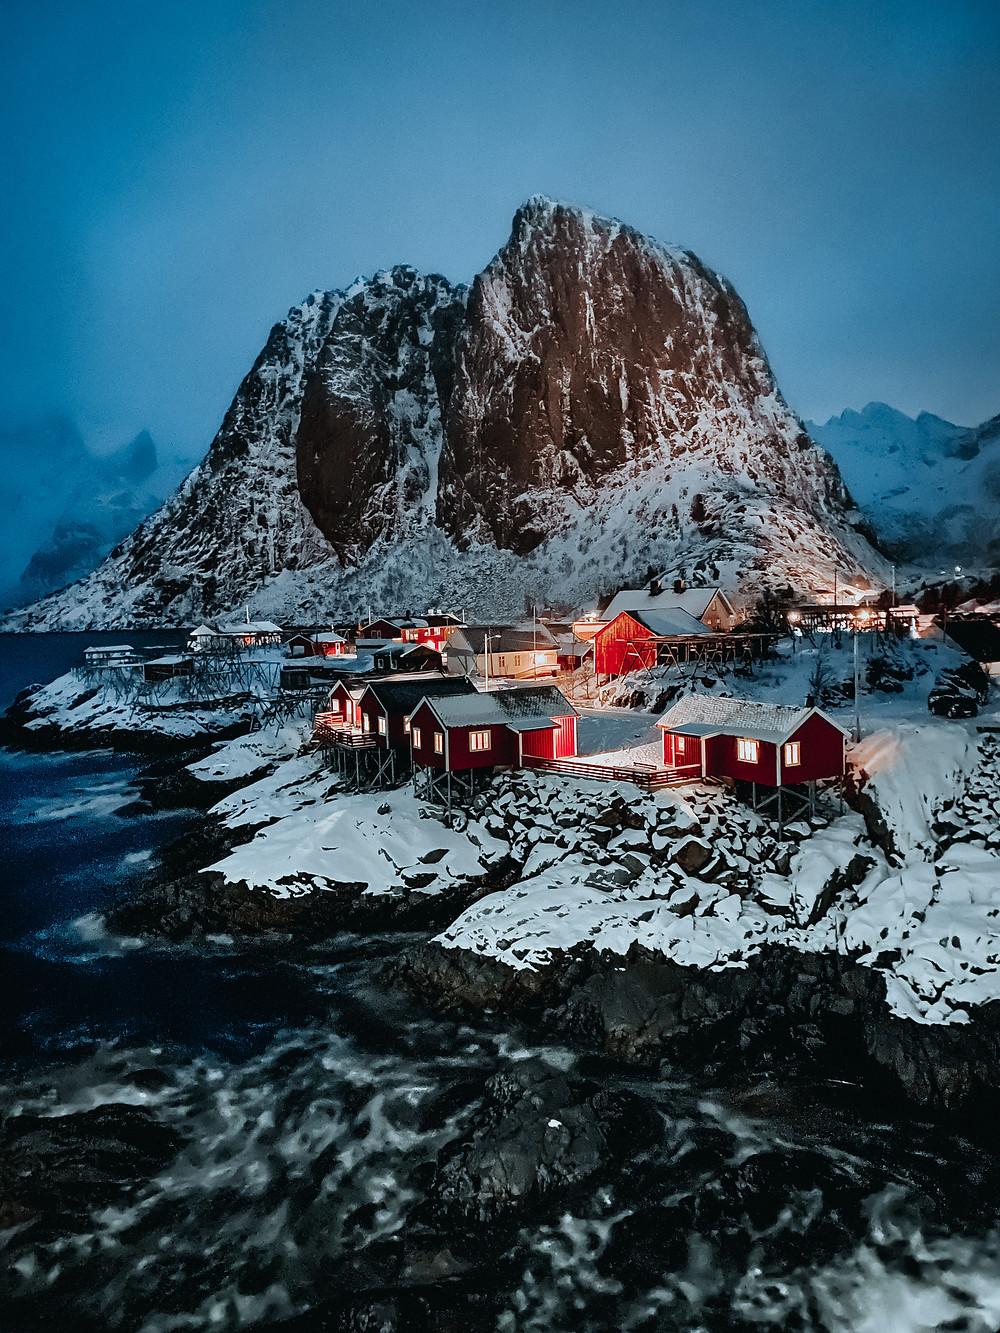 Pequena aldeia de cabanas vermelhas junto ao mar, com uma montanha de neve atrás delas.